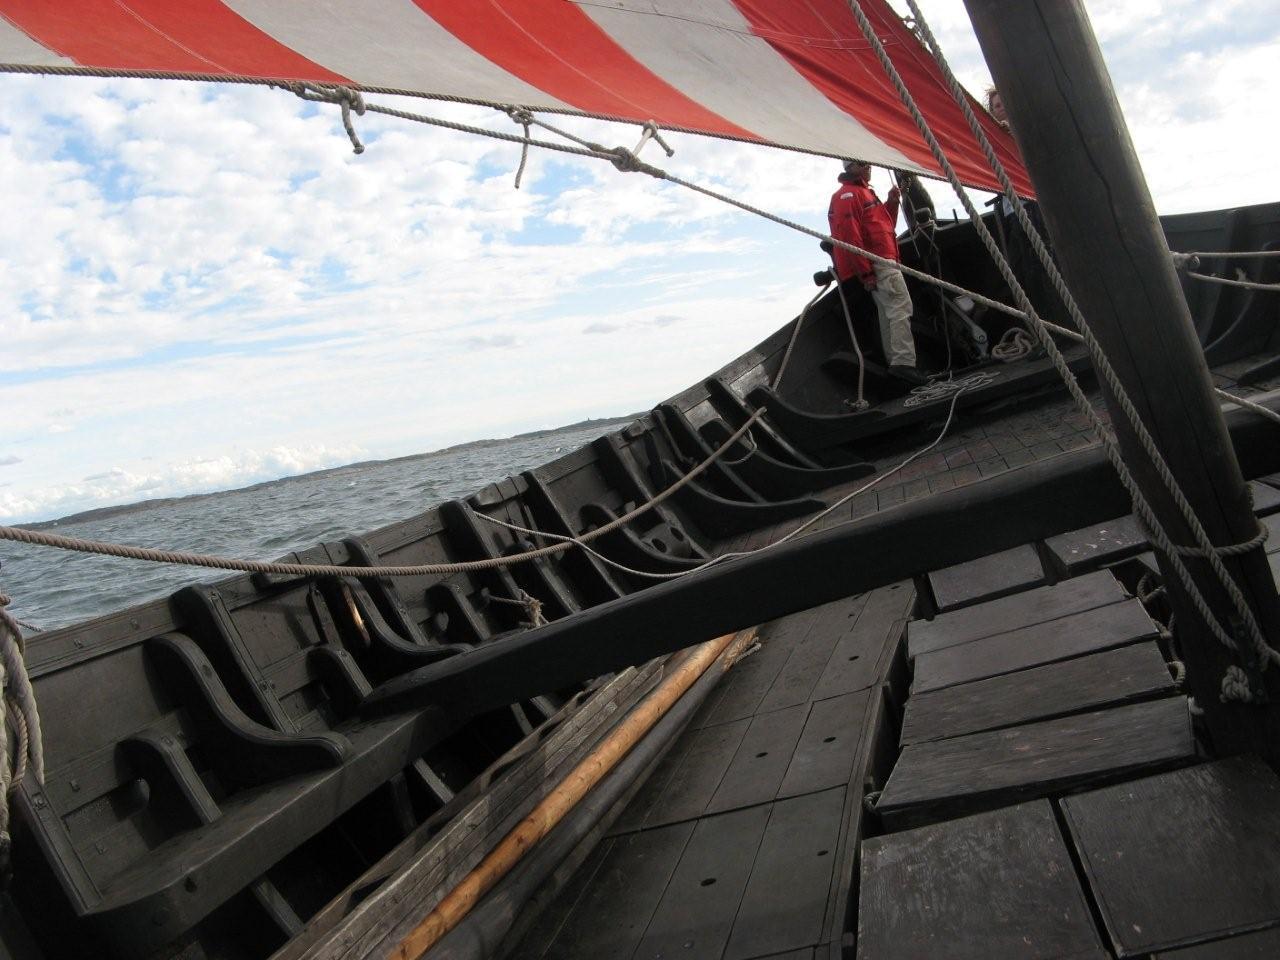 Vidfamne under segling